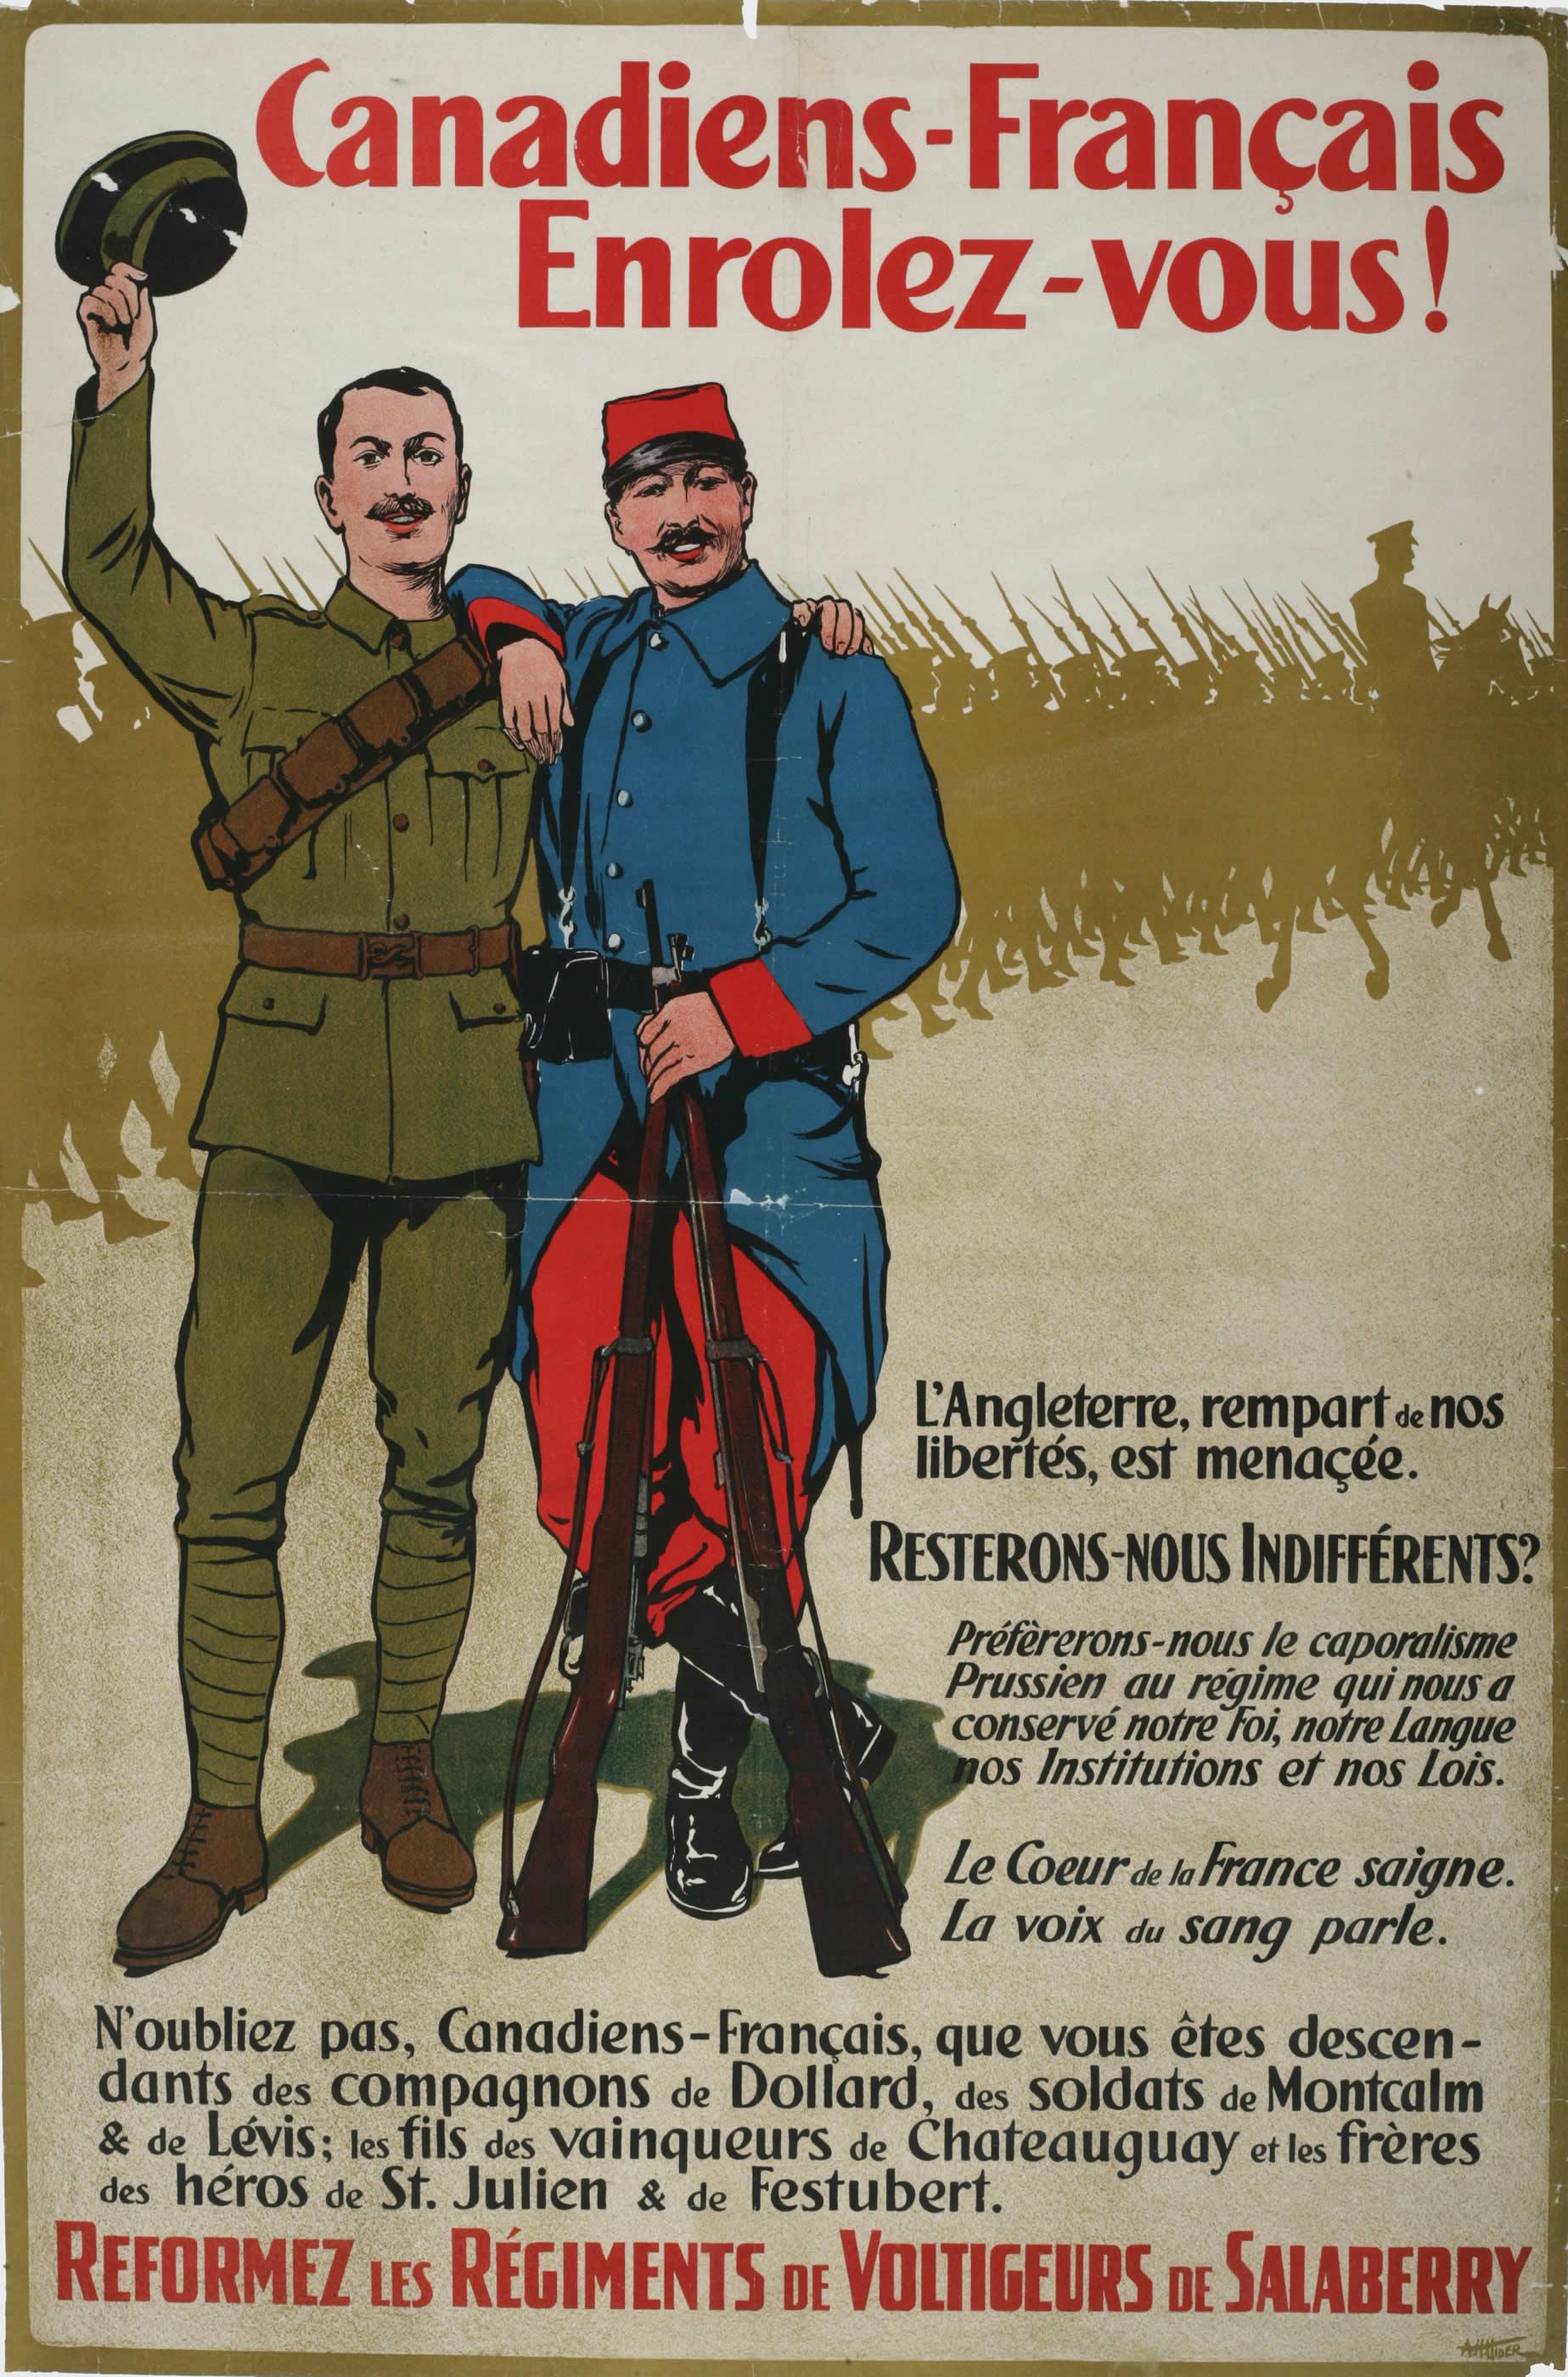 <i>Canadiens-Francais, Enrolez Vous!</i> (French Canadians, Enlist!)